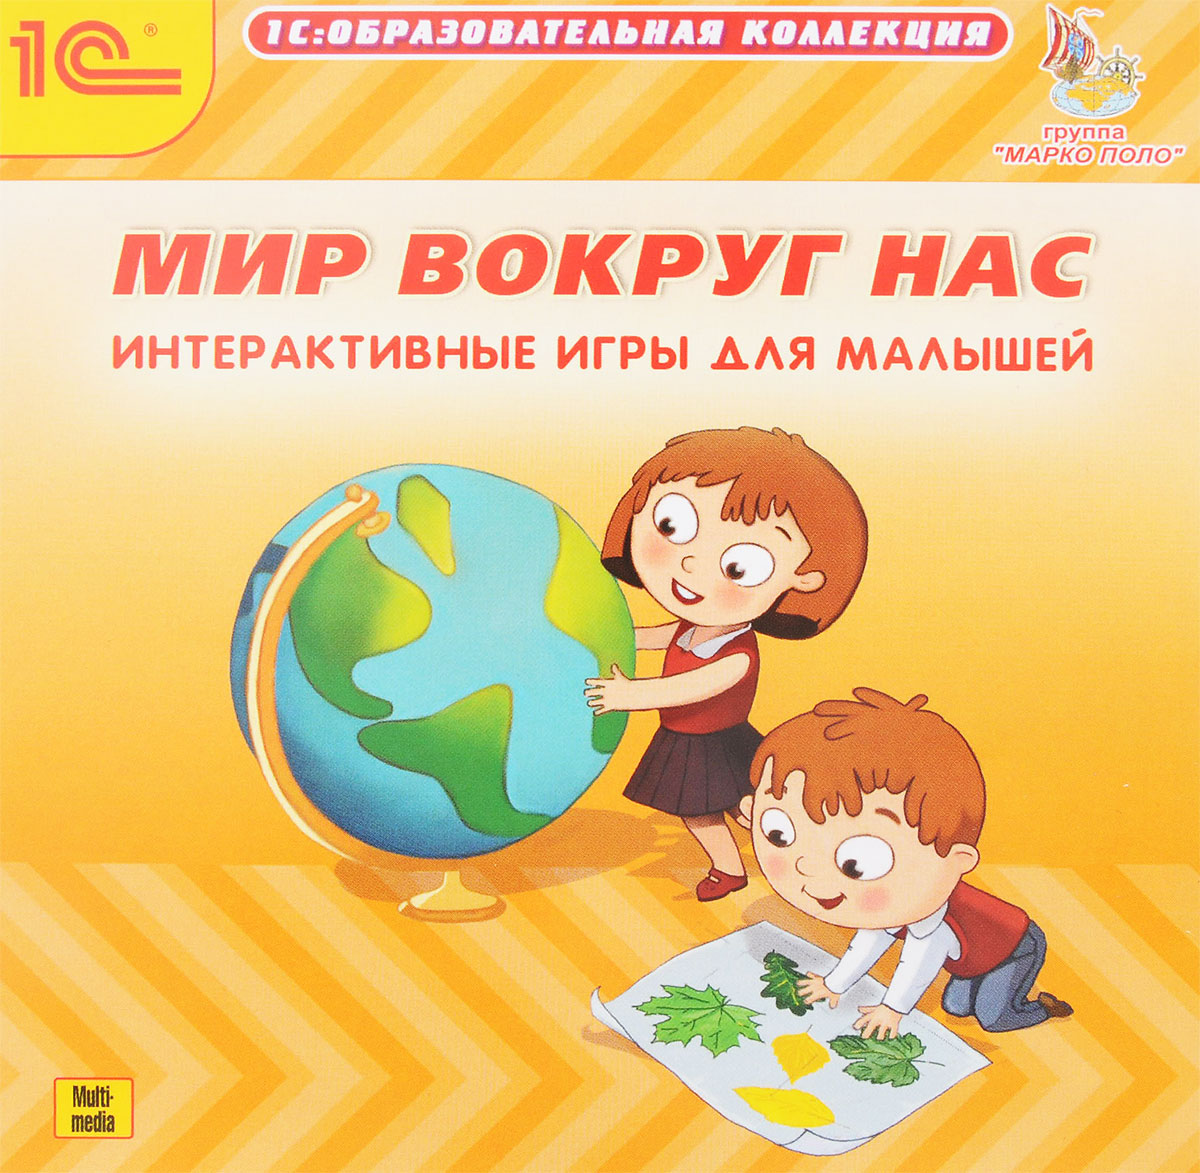 1С: Образовательная коллекция. Мир вокруг нас. Интерактивные игры для малышей сd диск 1с юный мультипликатор образовательная программа для детей по adobe flash